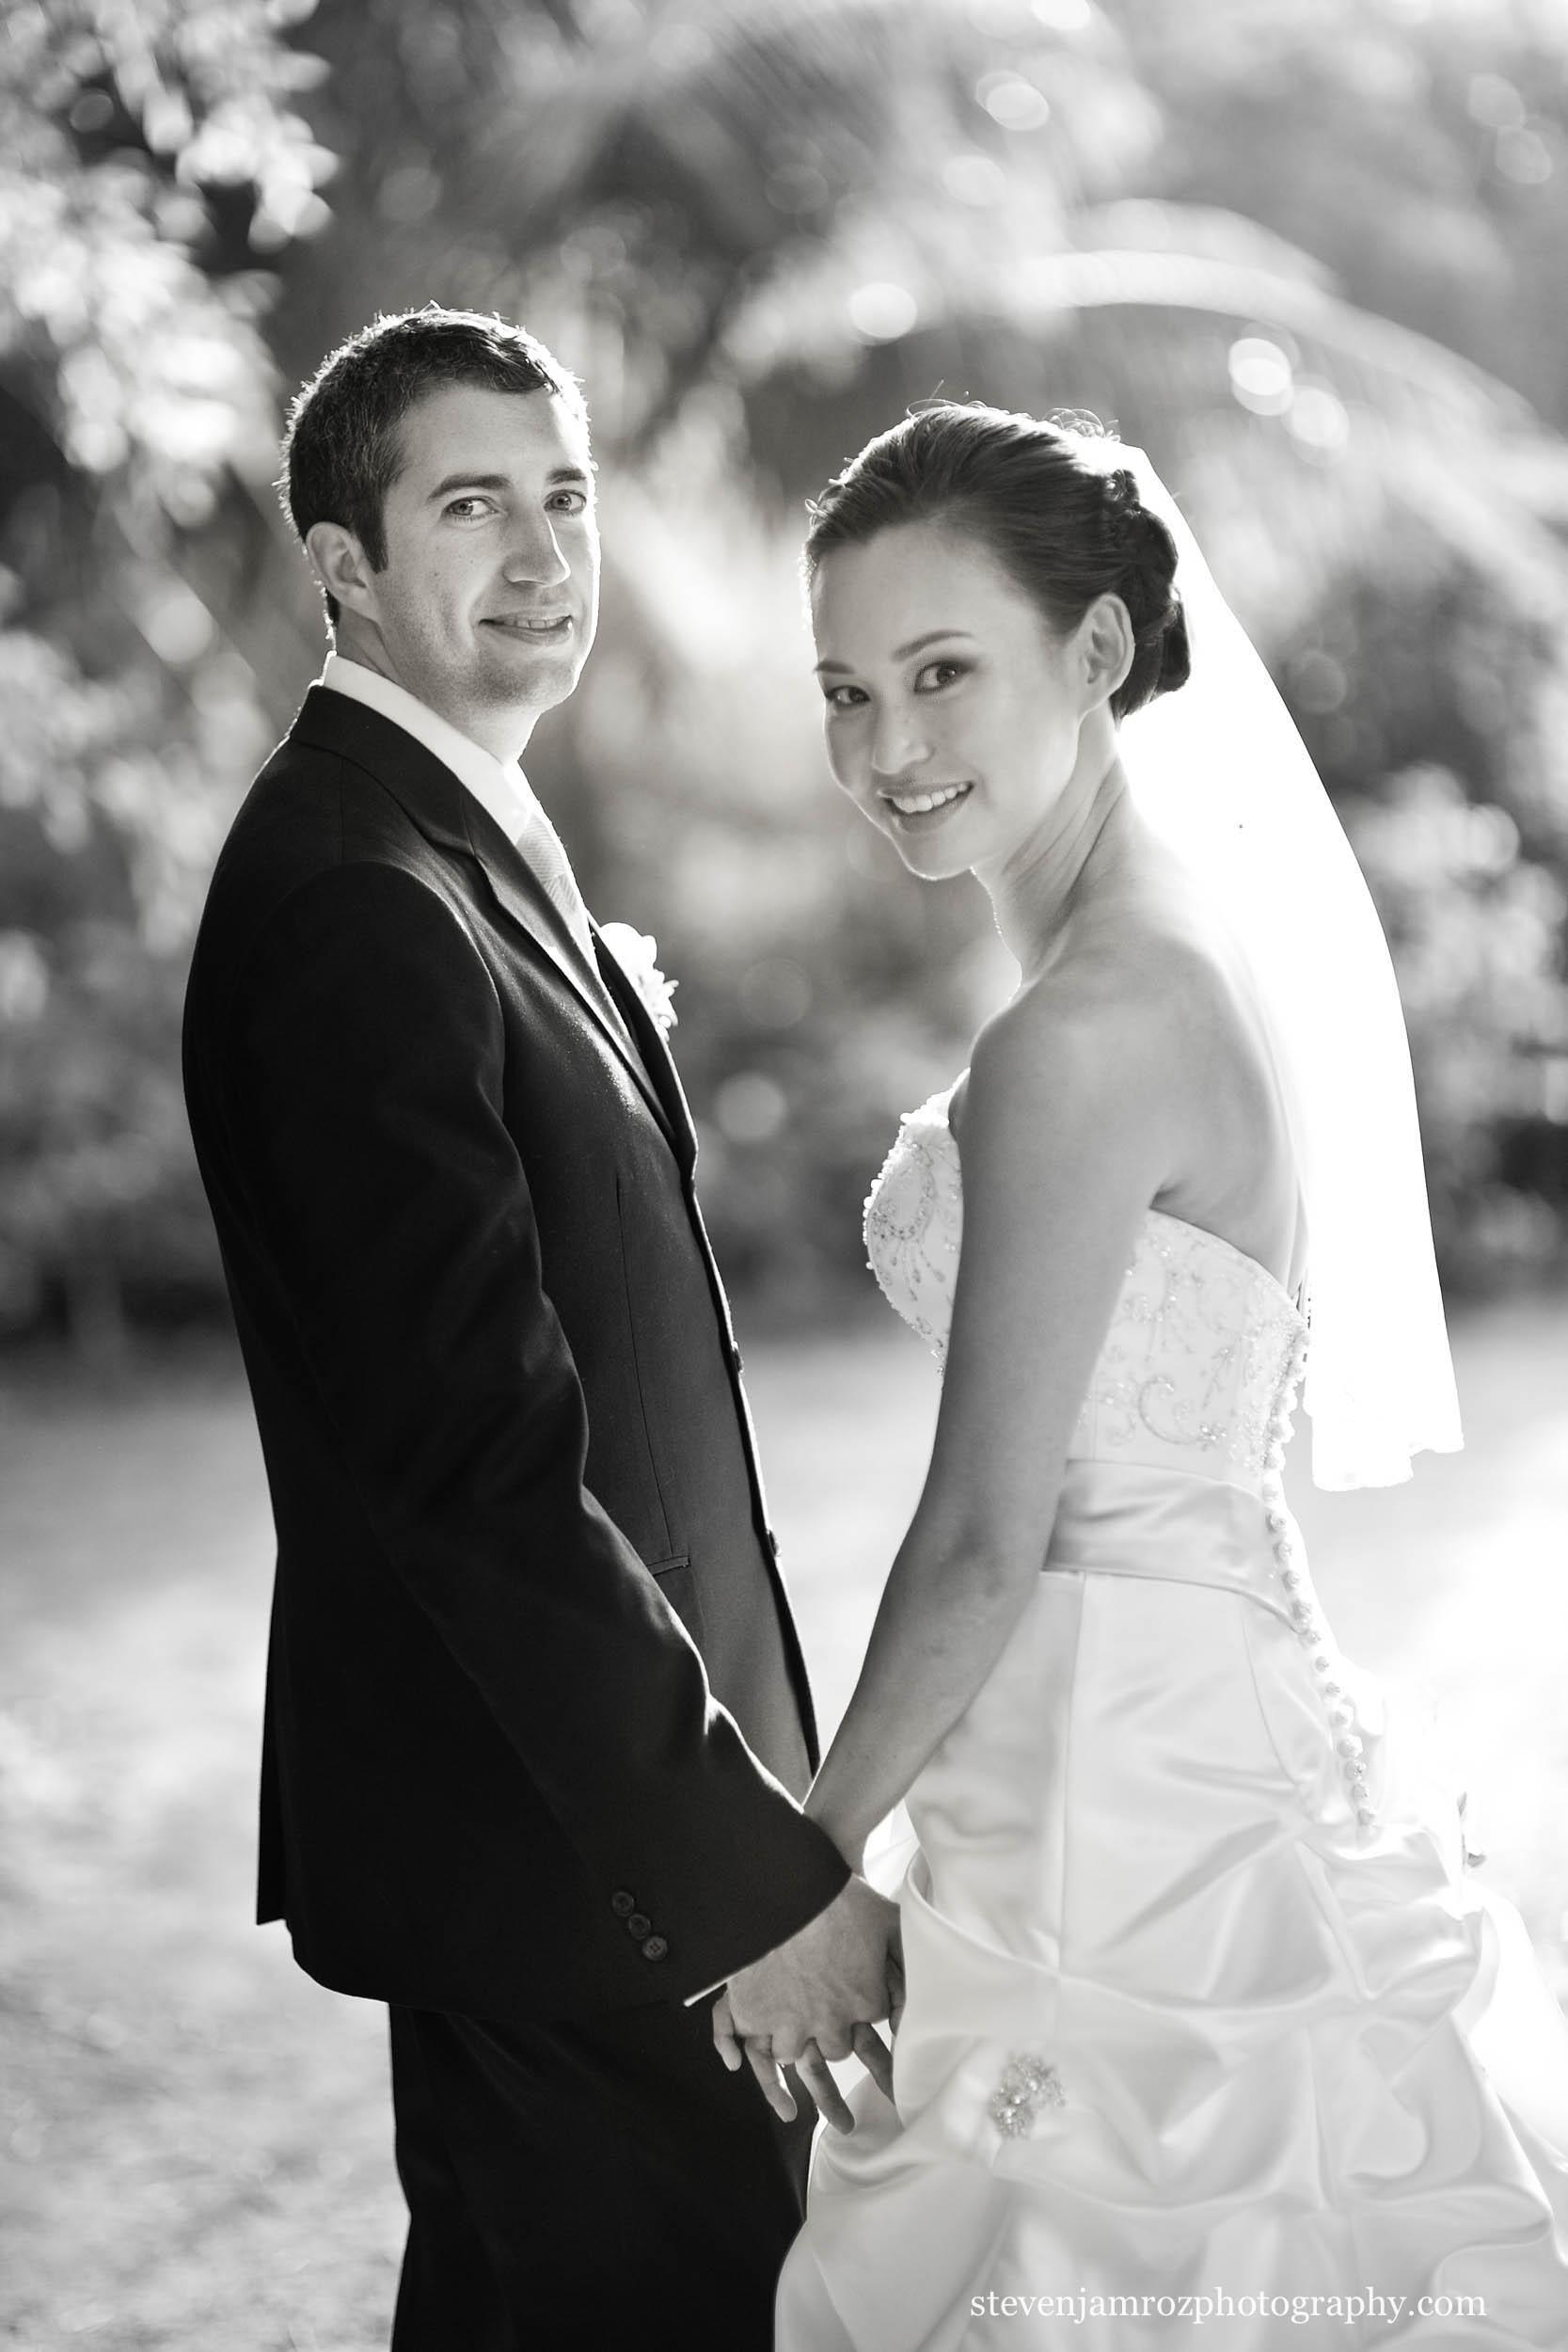 holding-hands-together-bride-groom-wedding-steven-jamroz-0687.jpg